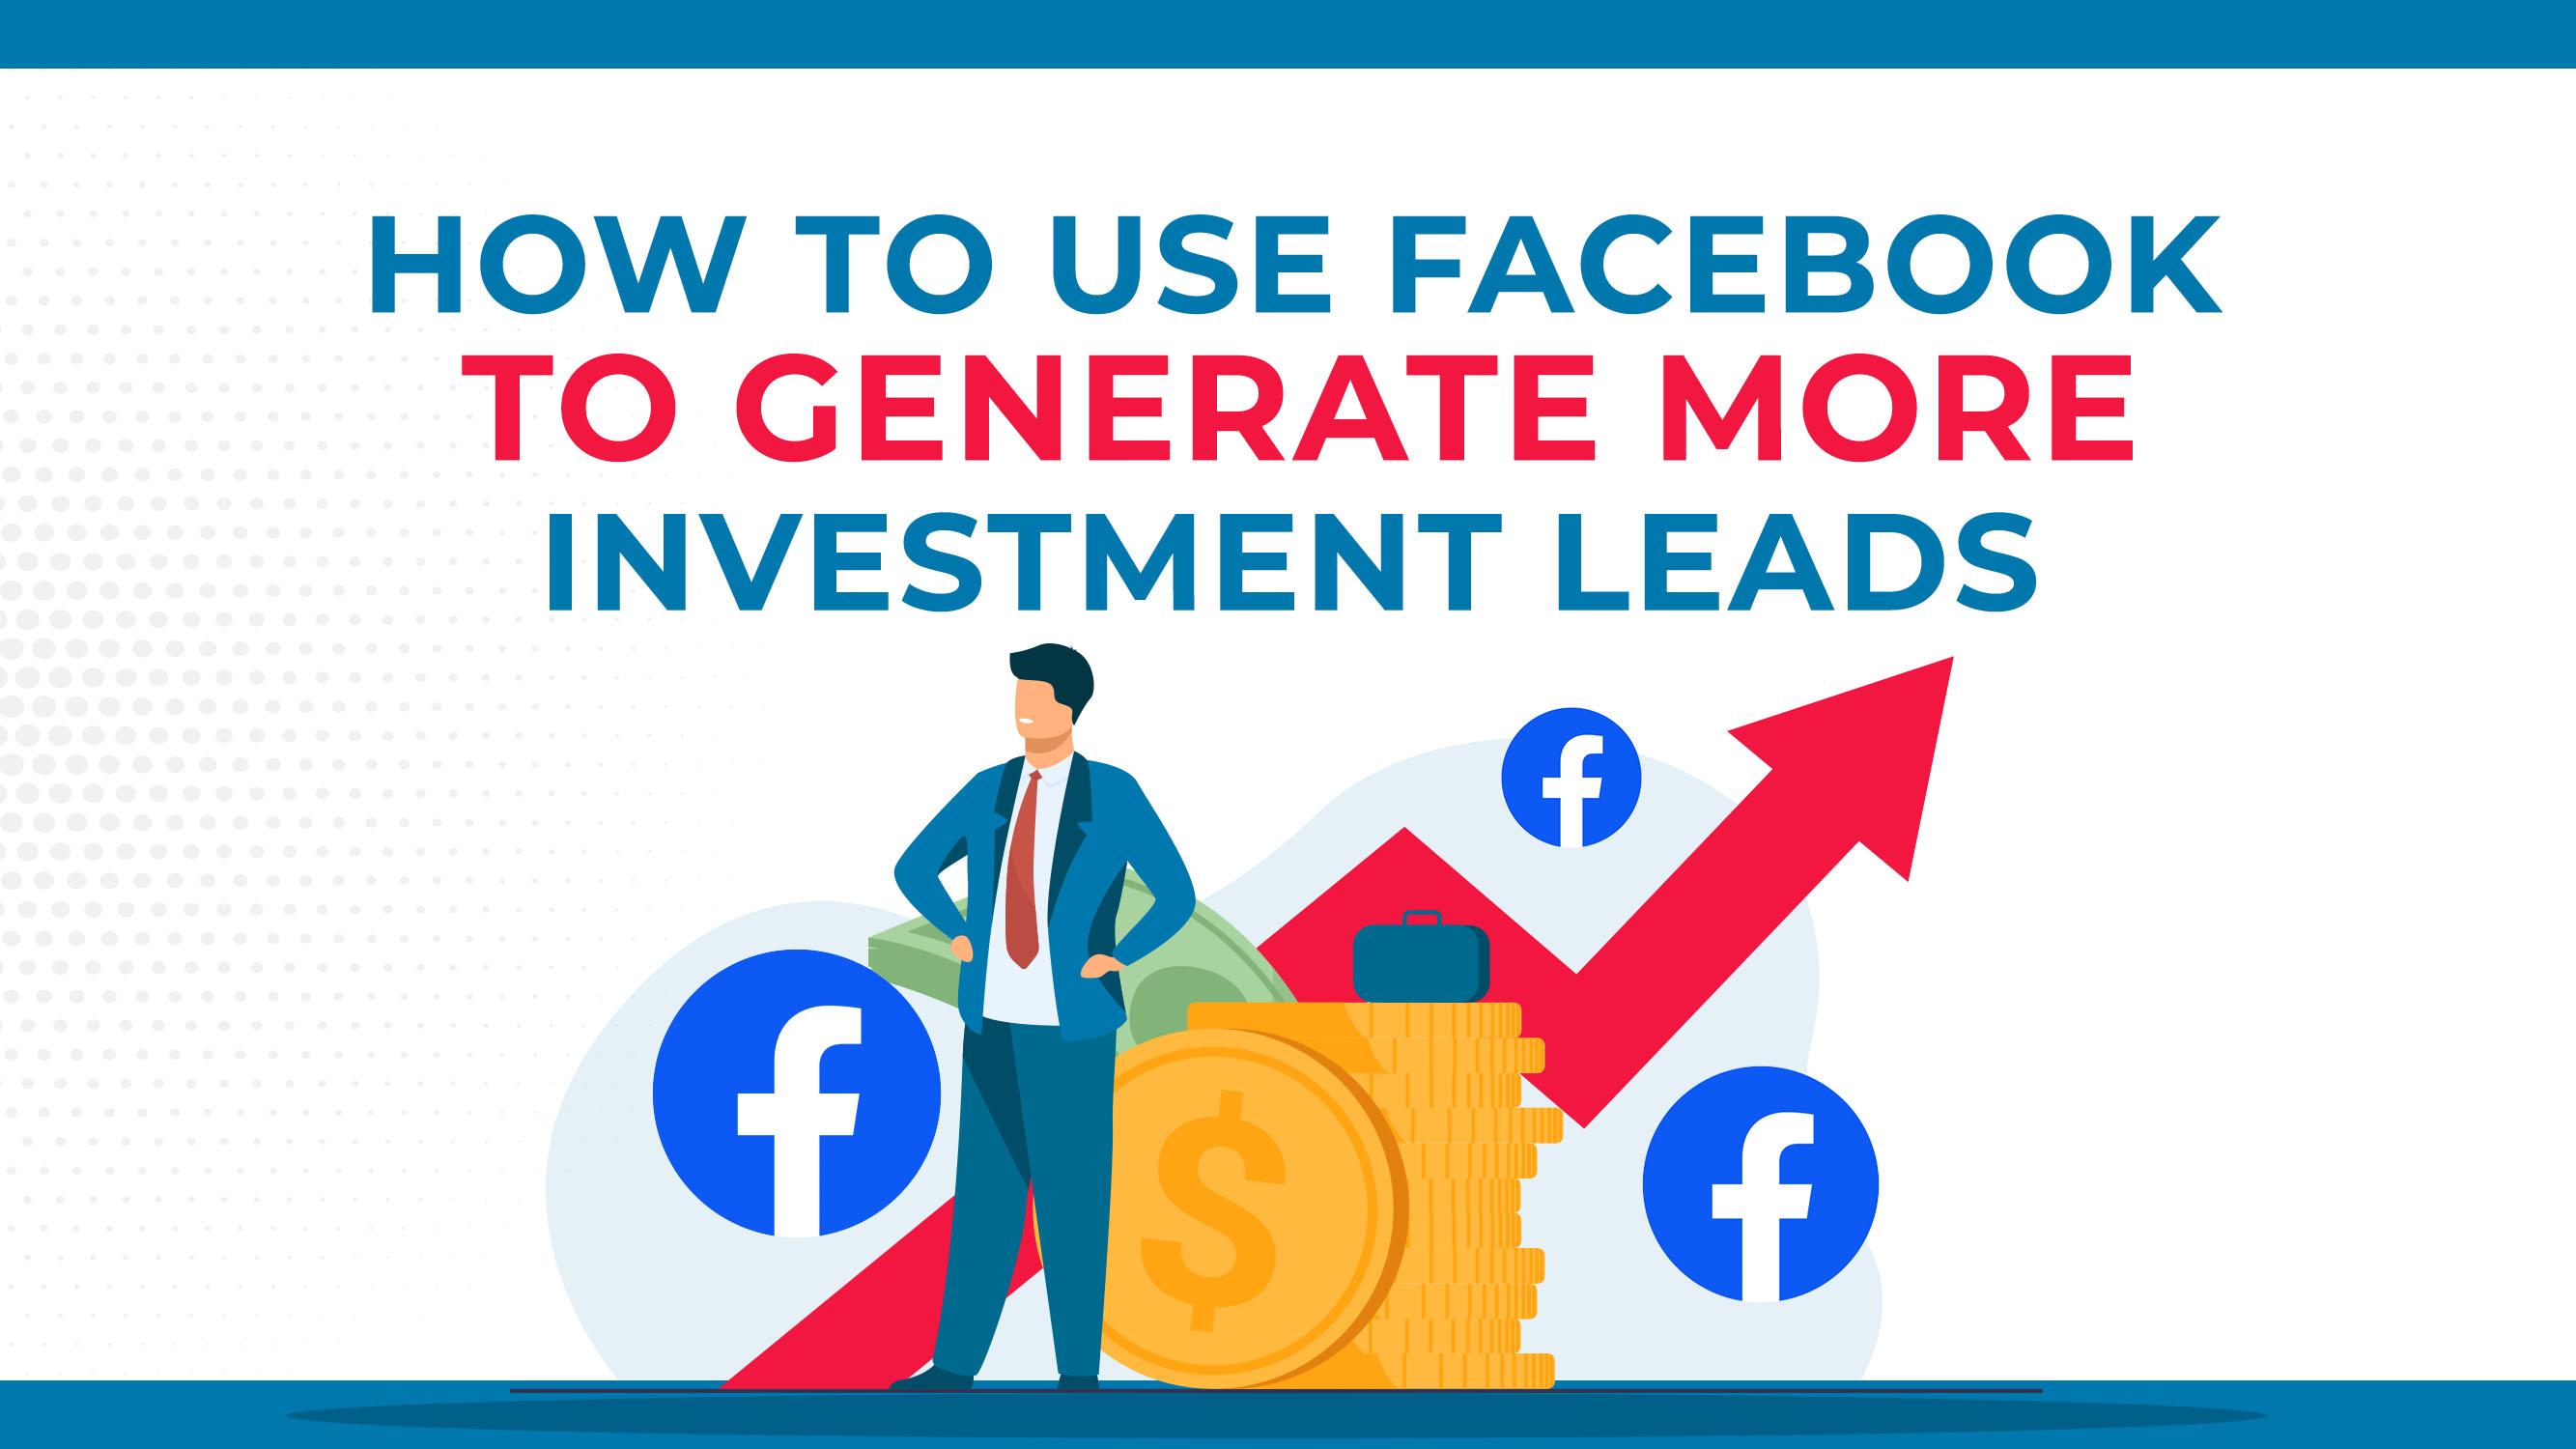 Πώς να χρησιμοποιήσετε το Facebook για να δημιουργήσετε περισσότερα επενδυτικά leads